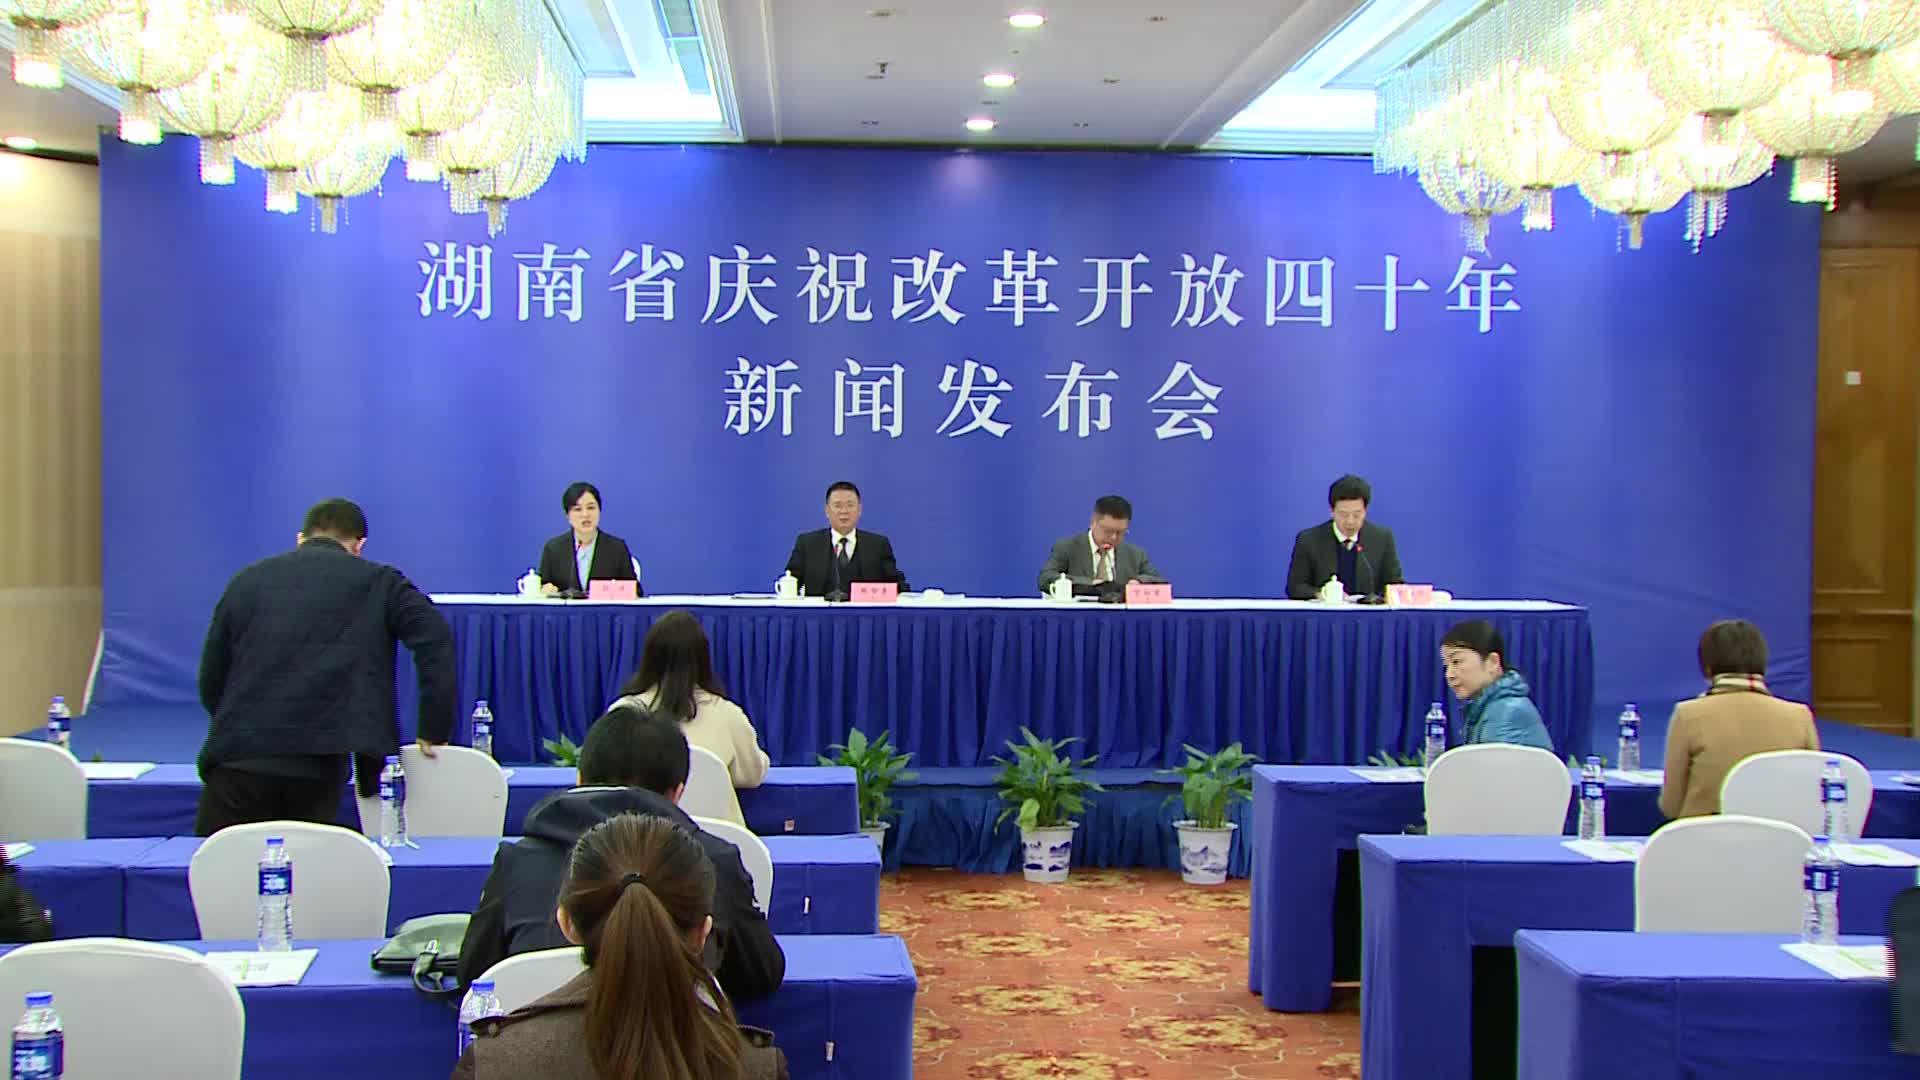 【全程回放】湖南省庆祝改革开放四十年系列新闻发布会:全省扶贫开发成就